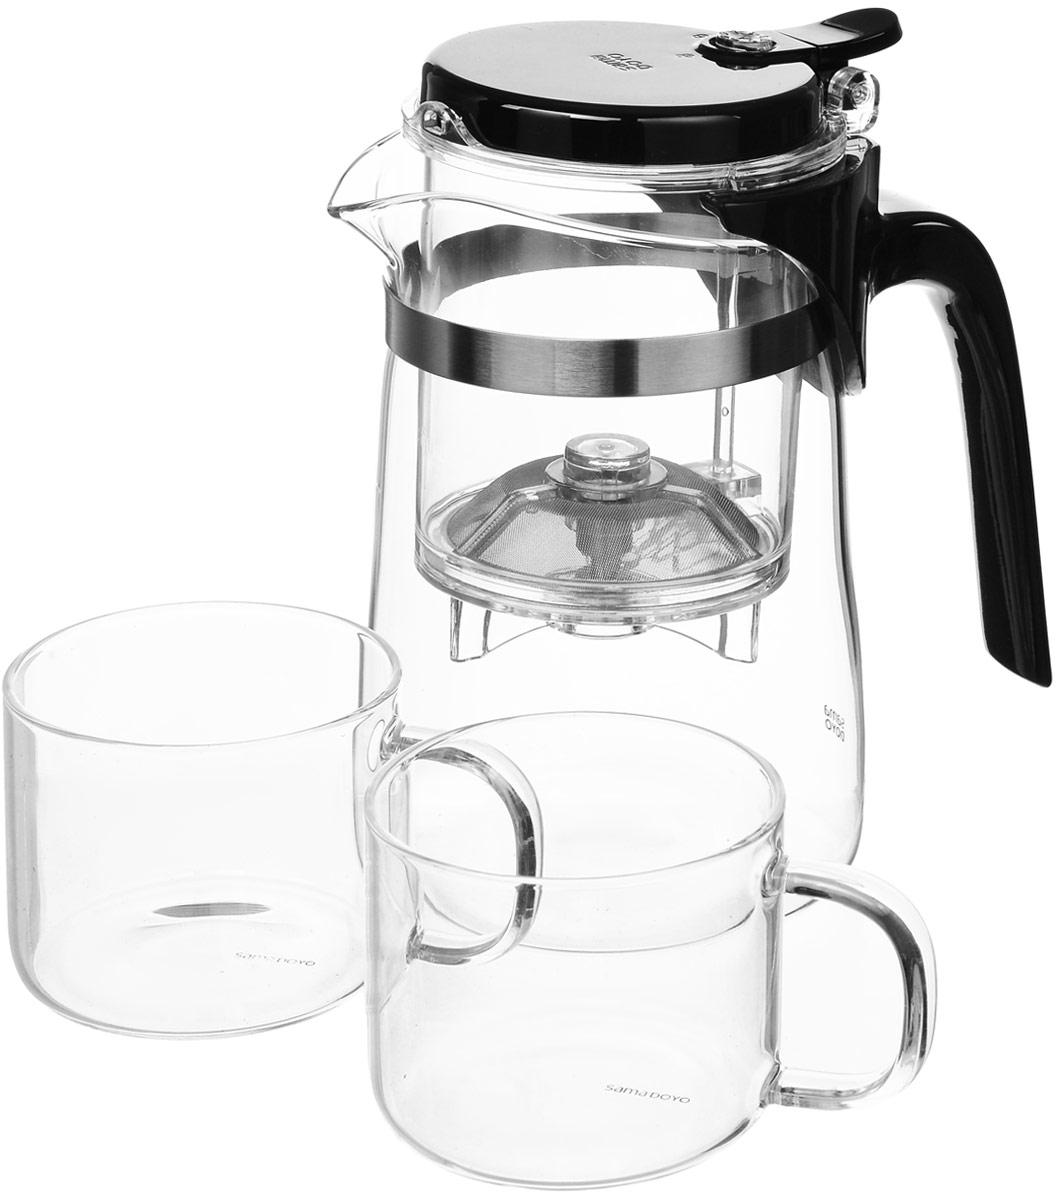 Набор для чая SAMADOYOSAG-08+, 3 предмета115510Набор для чая SAMADOYOSAG-08+ состоит из заварочного чайника и двух чашек.Заварочный чайник изготовлен из высококачественного термостойкого стекла и пластика. Он удобен в использовании, любой человек, даже не имеющий большого опыта в заваривании чая, сможет заварить в нем чай до правильной консистенции без риска перезаварить чай. При нажатии на кнопку заваренный настой из фильтра переливается в нижнюю часть чайника, процесс заварки останавливается, а чаинки остаются в фильтре.Чашки выполнены из боросиликатного стекла, что делает их устойчивыми к перепадам температур. Благодаря этому они намного легче и прочнее, чем обычное стекло. Прозрачность позволяет полностью насладиться красивым видом заваренного чая.Диаметр чайника (по верхнему краю): 8 см.Высота чайника: 15 см.Объем чайника: 500 мл.Размер колбы с фильтром (с учетом крышки): 9,5 х 7,5 х 10,5 см.Объем колбы с фильтром: 250 мл.Диаметр чашки (по верхнему краю): 6,5 см.Высота стенки чашки: 5 см.Объем чашки: 150 мл.